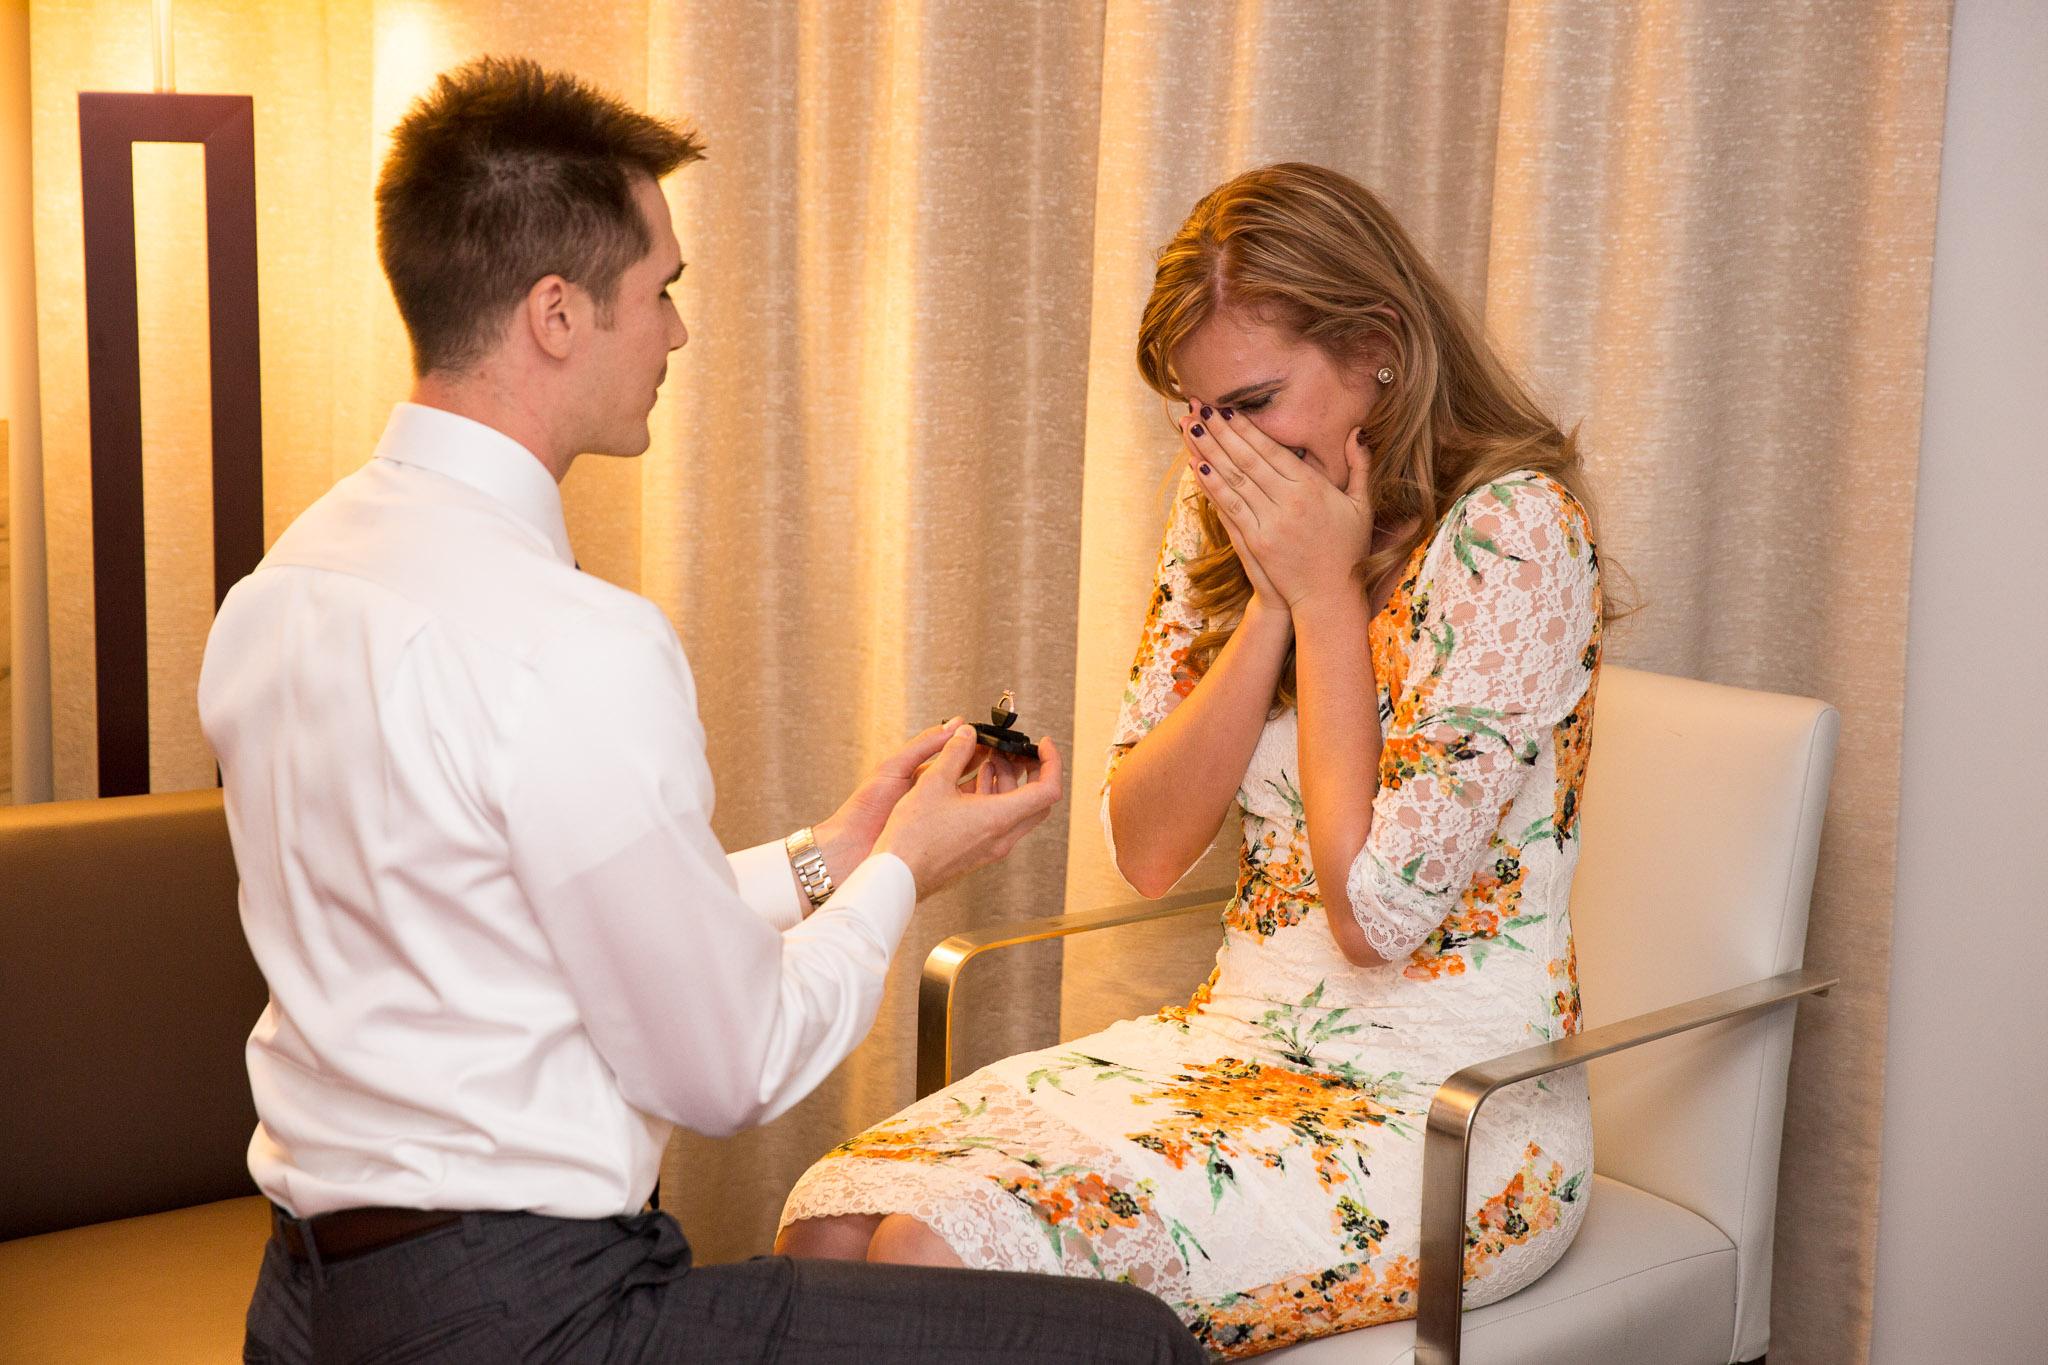 ring-stash-marriage-proposal